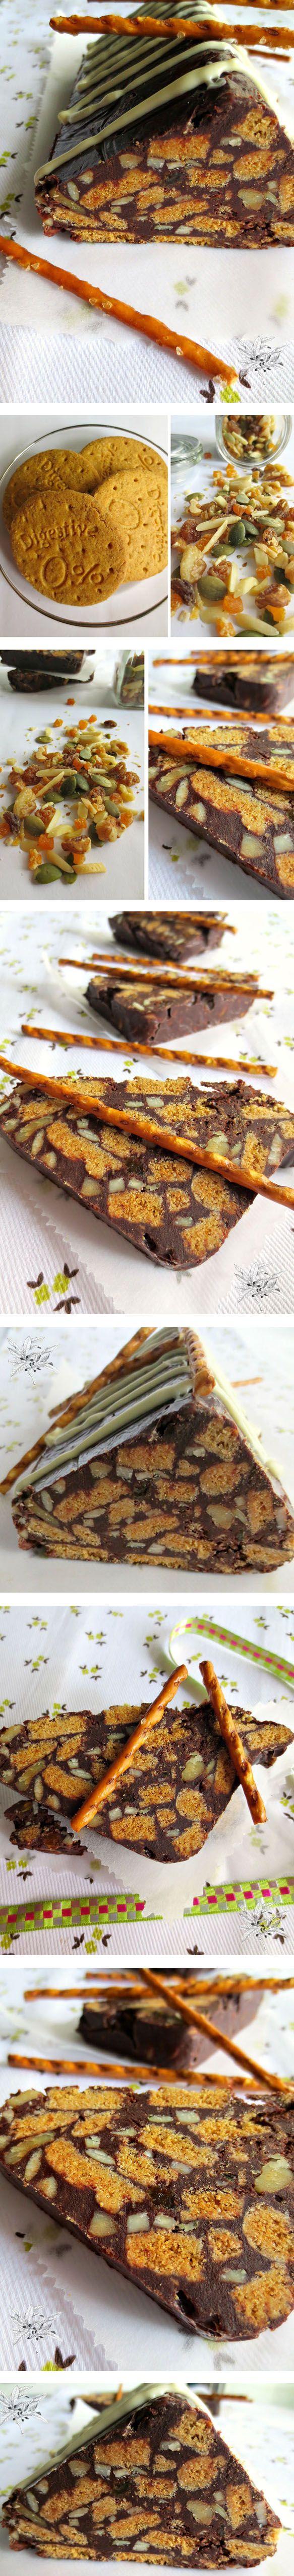 Tarta de frutos secos, galletas y chocolate - Pecados de Reposteria